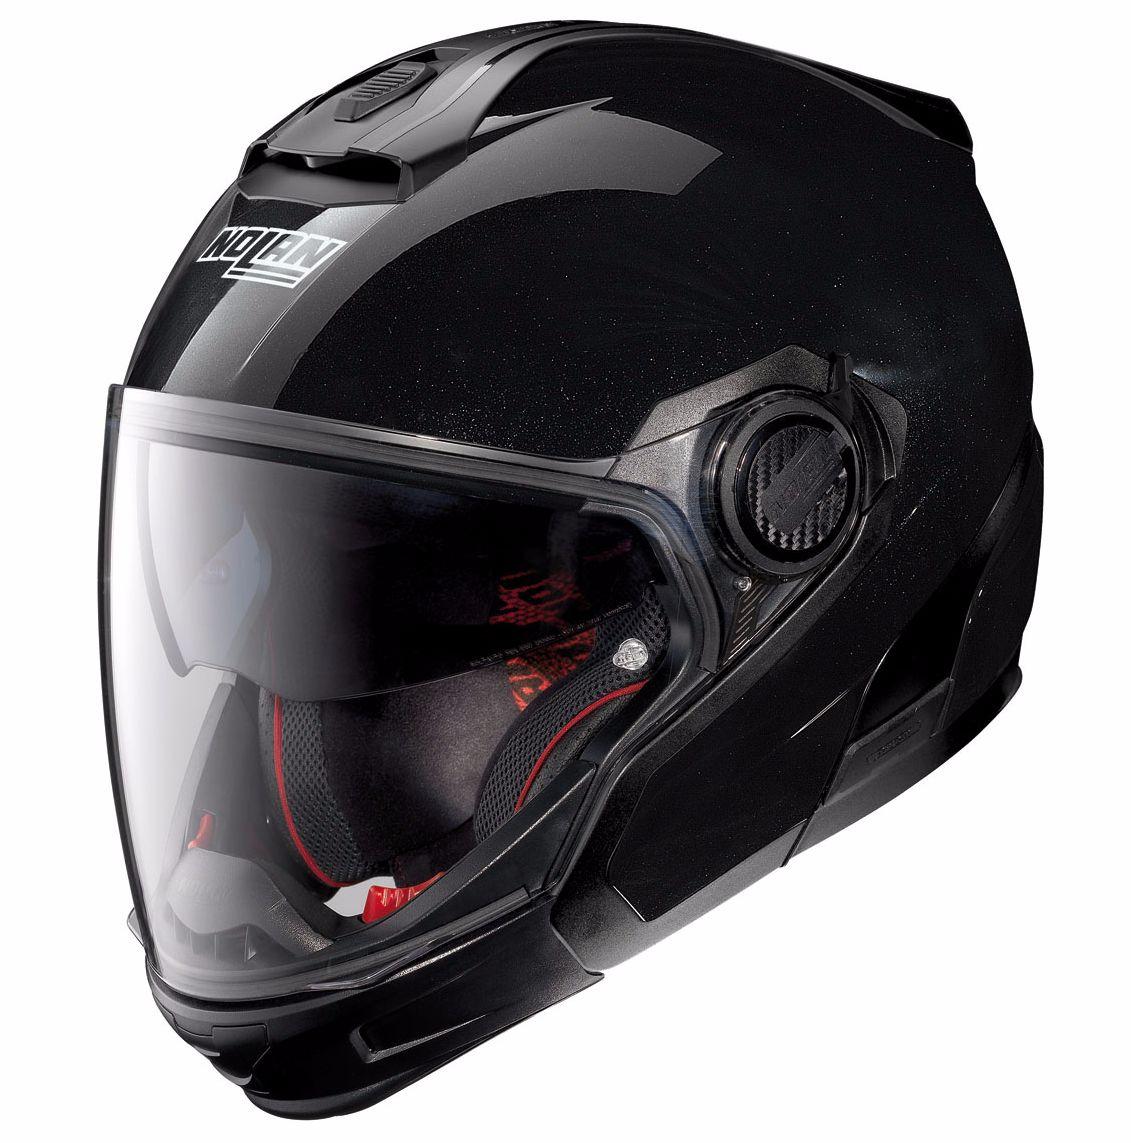 Casque moto integral nolan